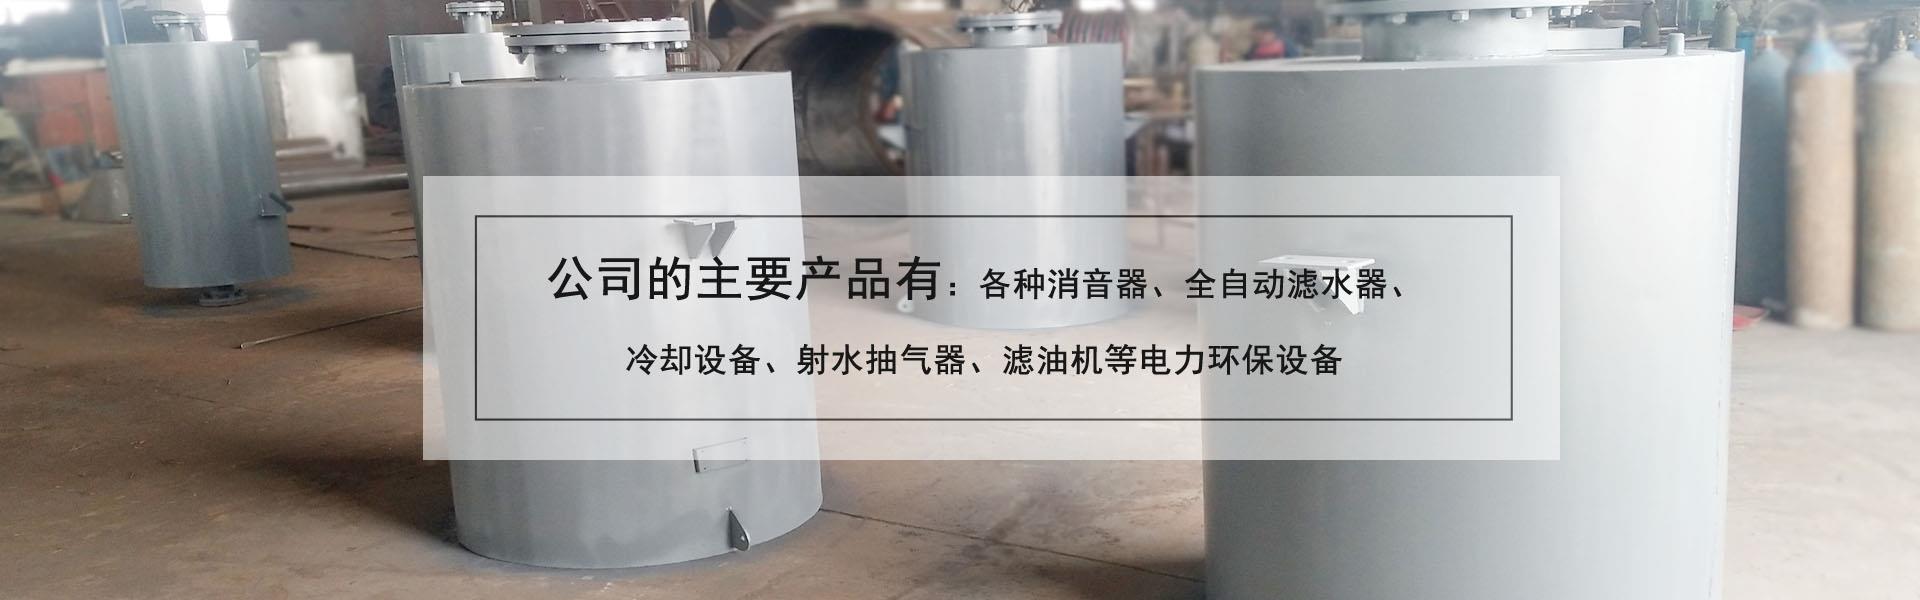 连云港市du博游戏ji械设备有限公司